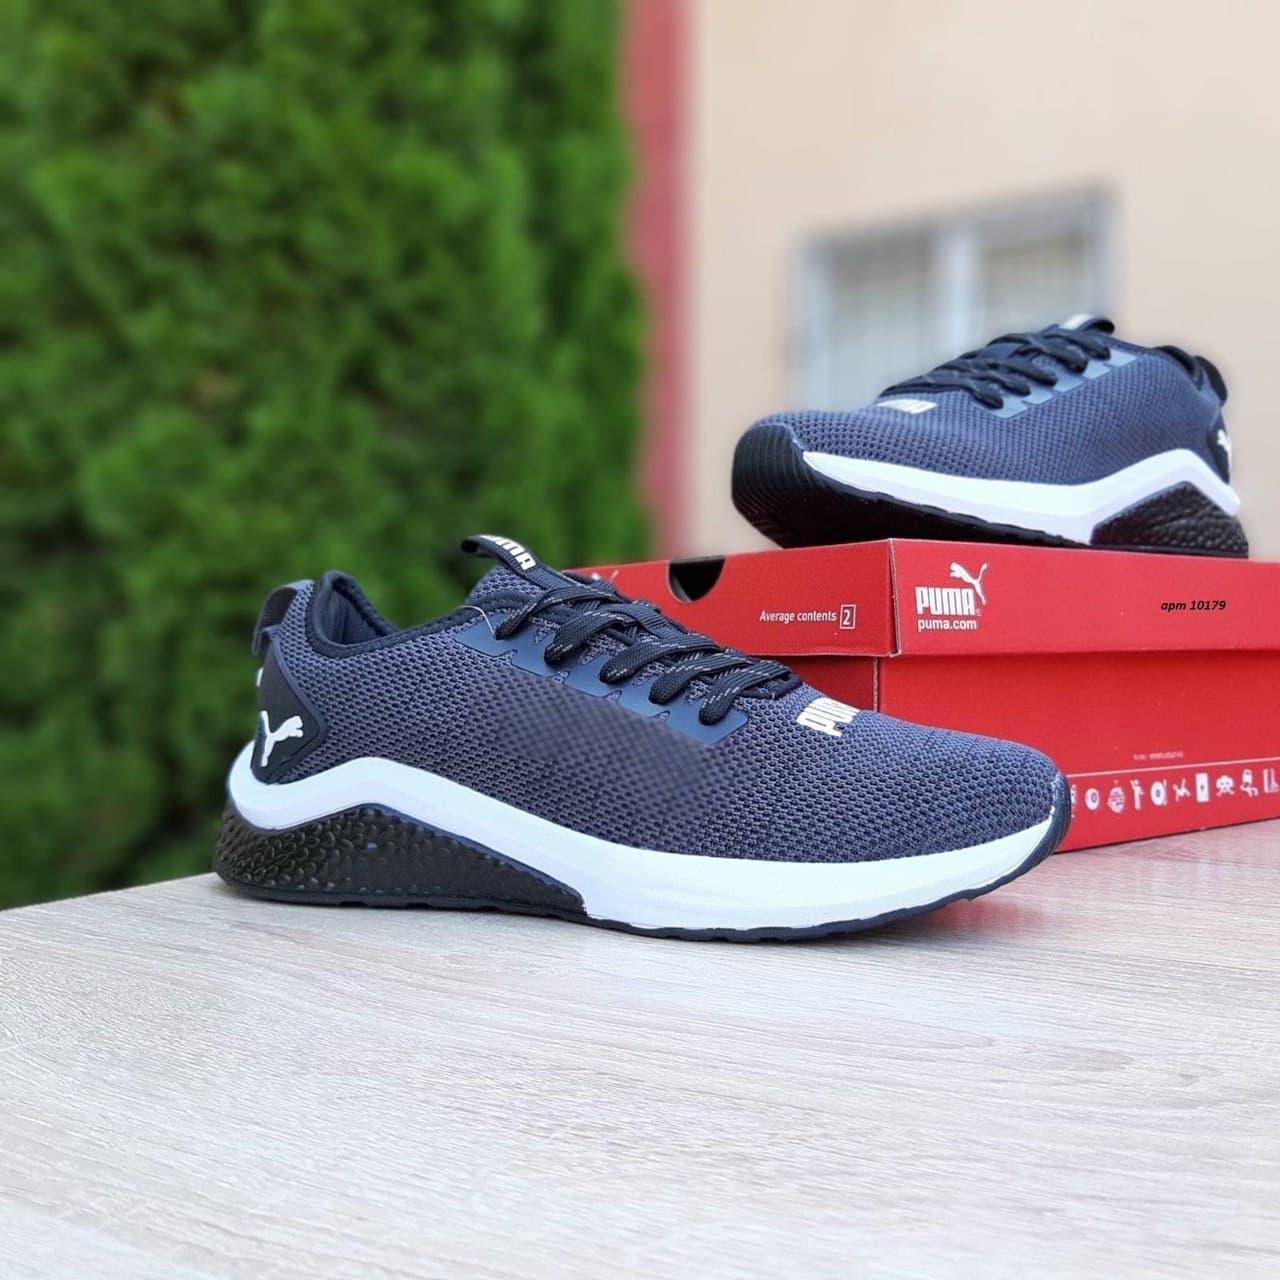 Чоловічі кросівки Puma Hybrid (сірі) О10179 демісезонна спортивне взуття